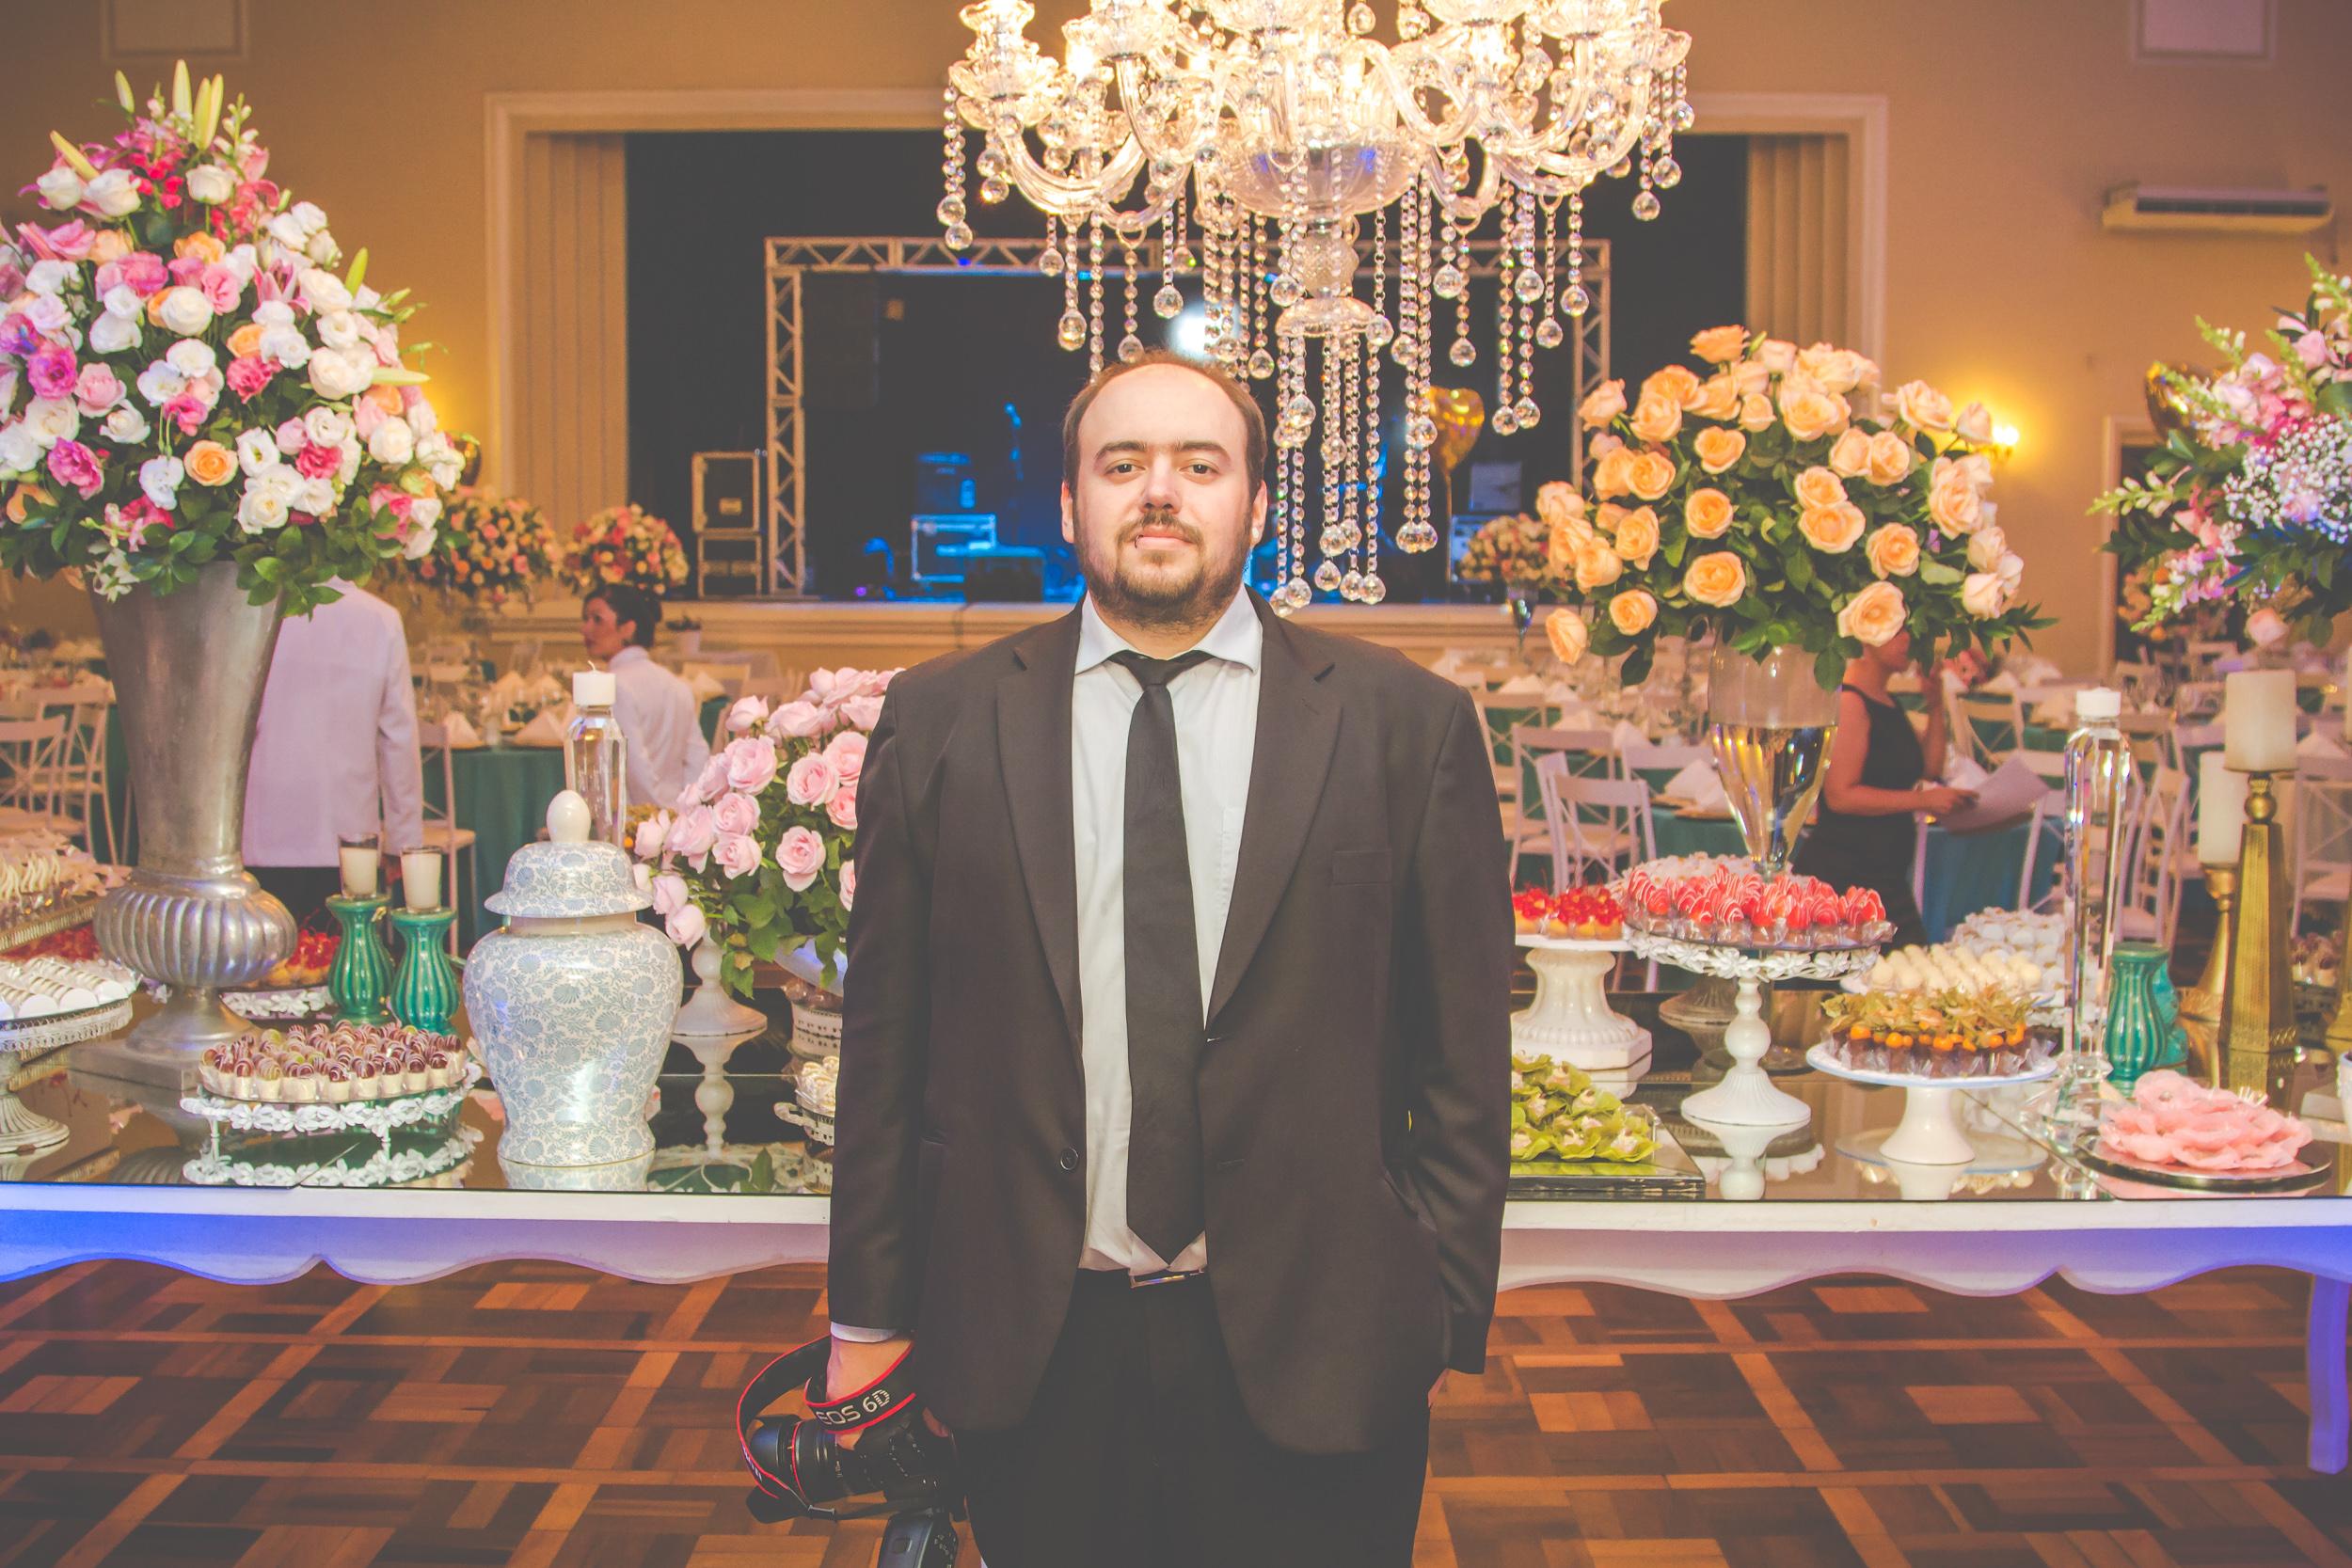 Sobre Johnny Roedel - Fotógrafo de casamentos, ensaios e eventos - Santa Catarina